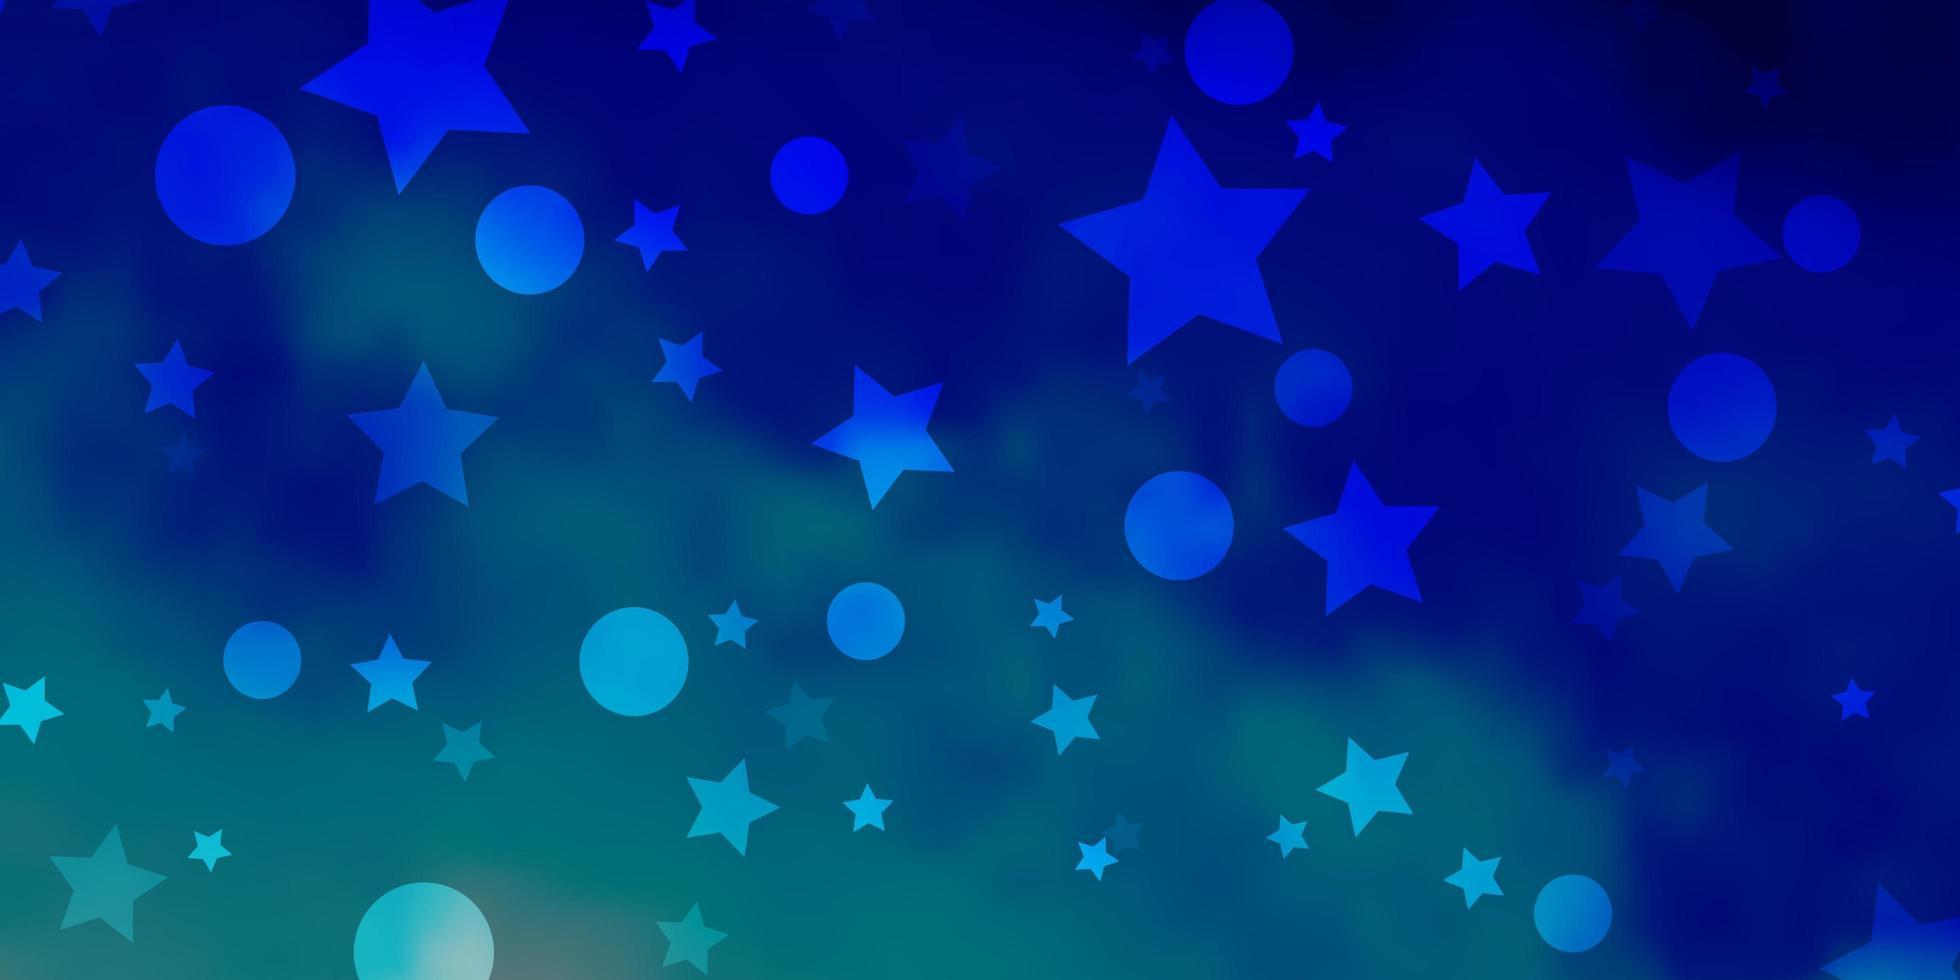 toile de fond de vecteur bleu clair avec des cercles, des étoiles.